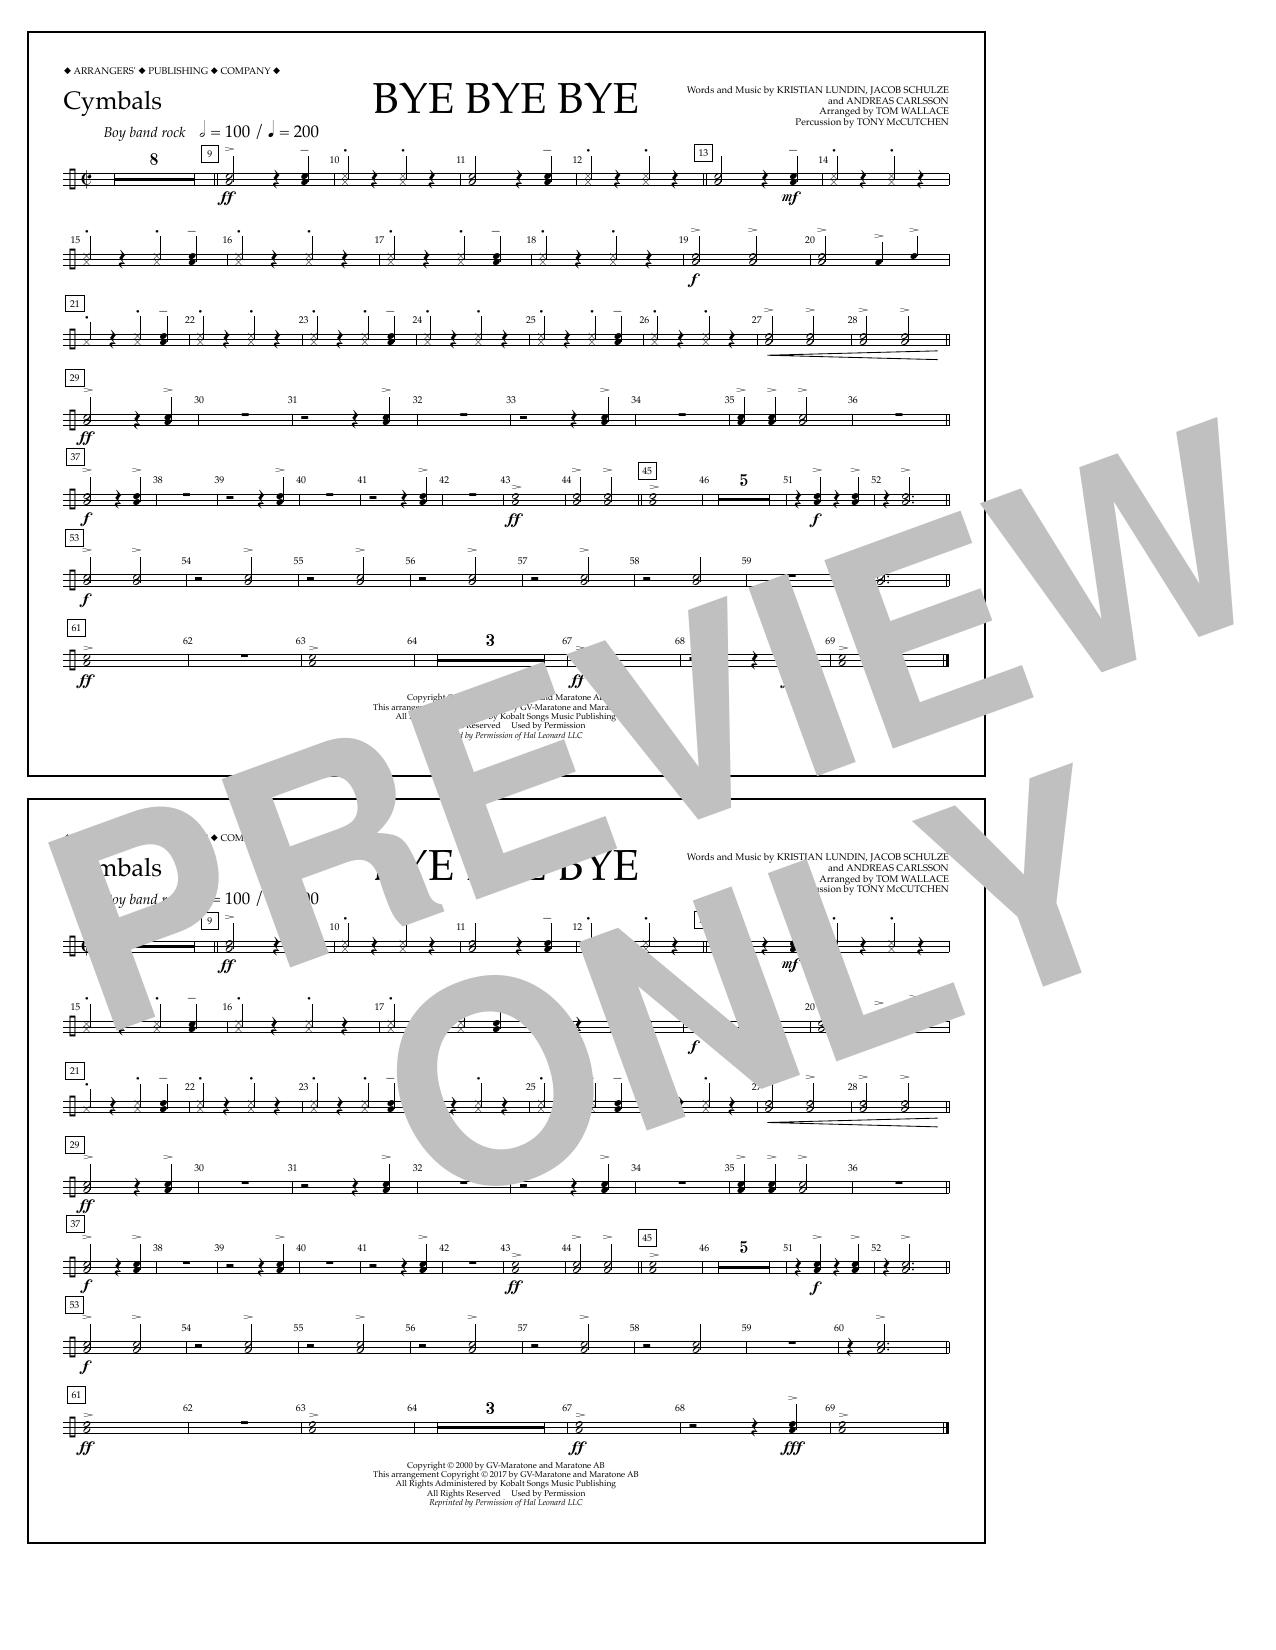 Bye Bye Bye - Cymbals Partituras Digitales